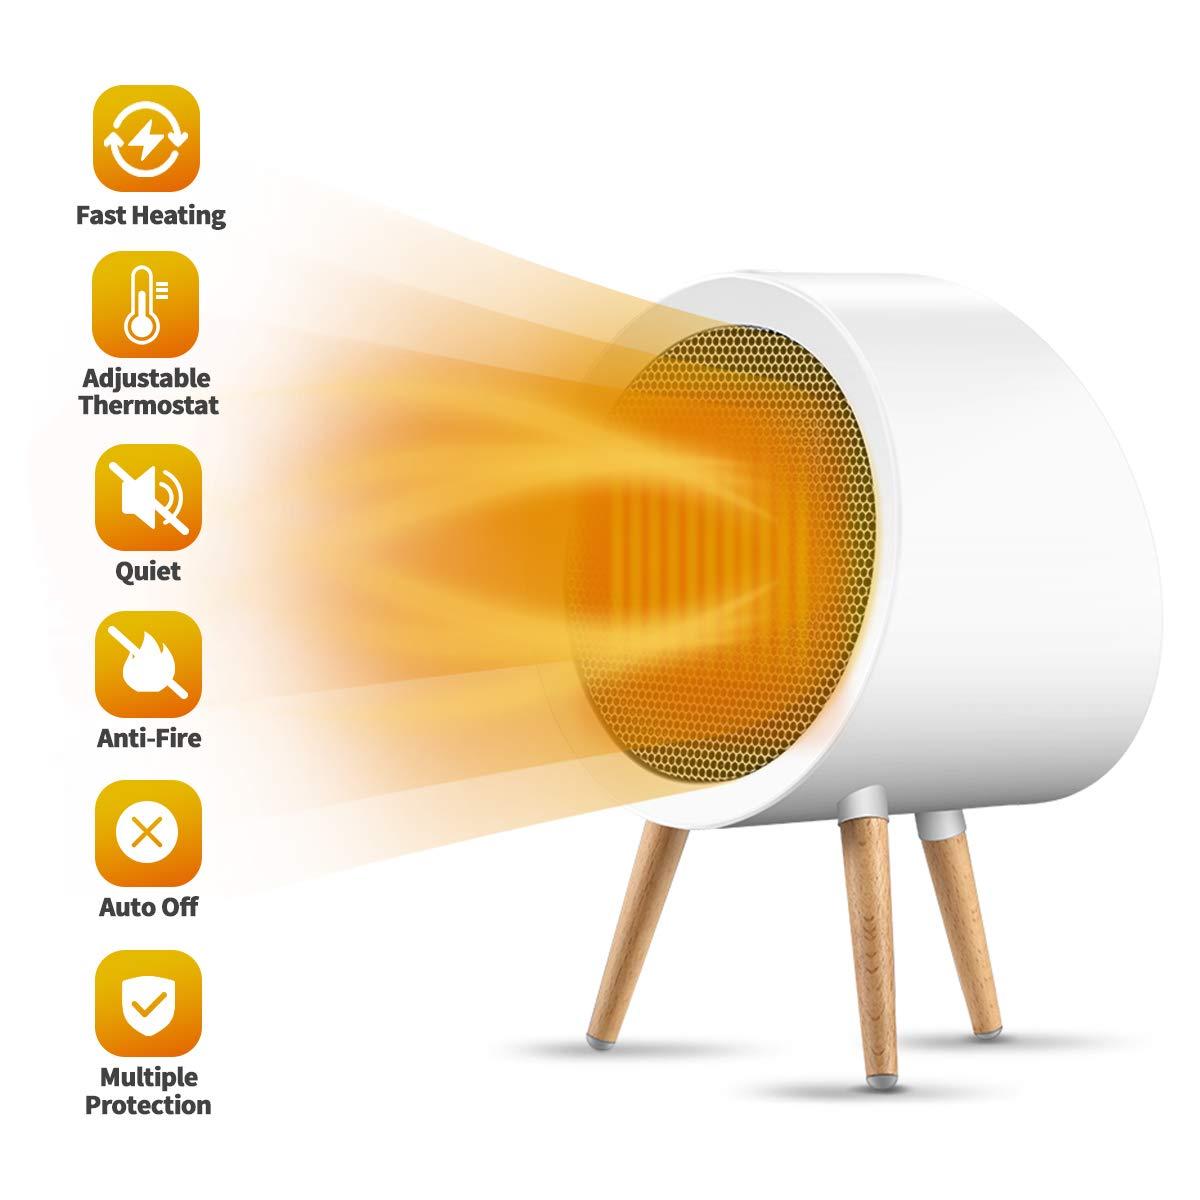 1000 واط السيراميك سخان محمول ، 3 طرق سريعة التدفئة الكهربائية الفضاء سخان مع السيارات إيقاف و تلميح الإفراط حماية سخان هادئ